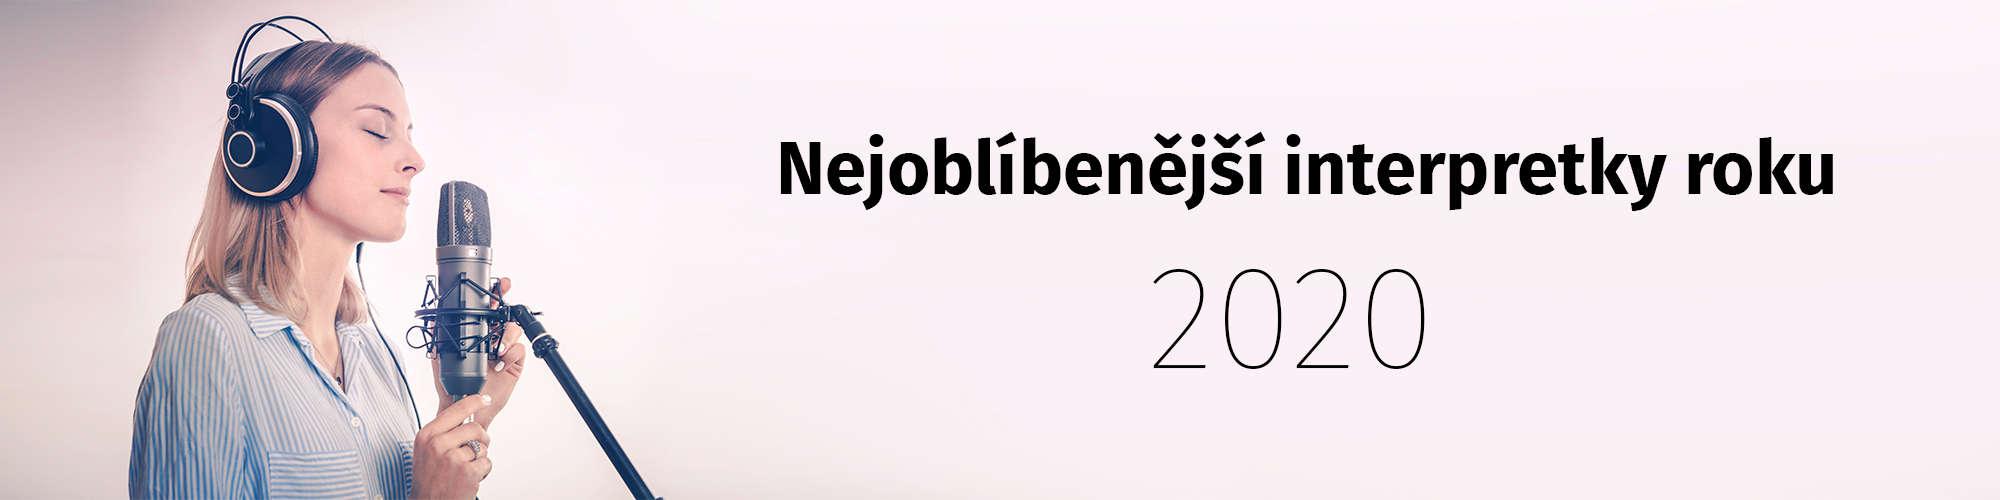 Top interpretky roku 2020